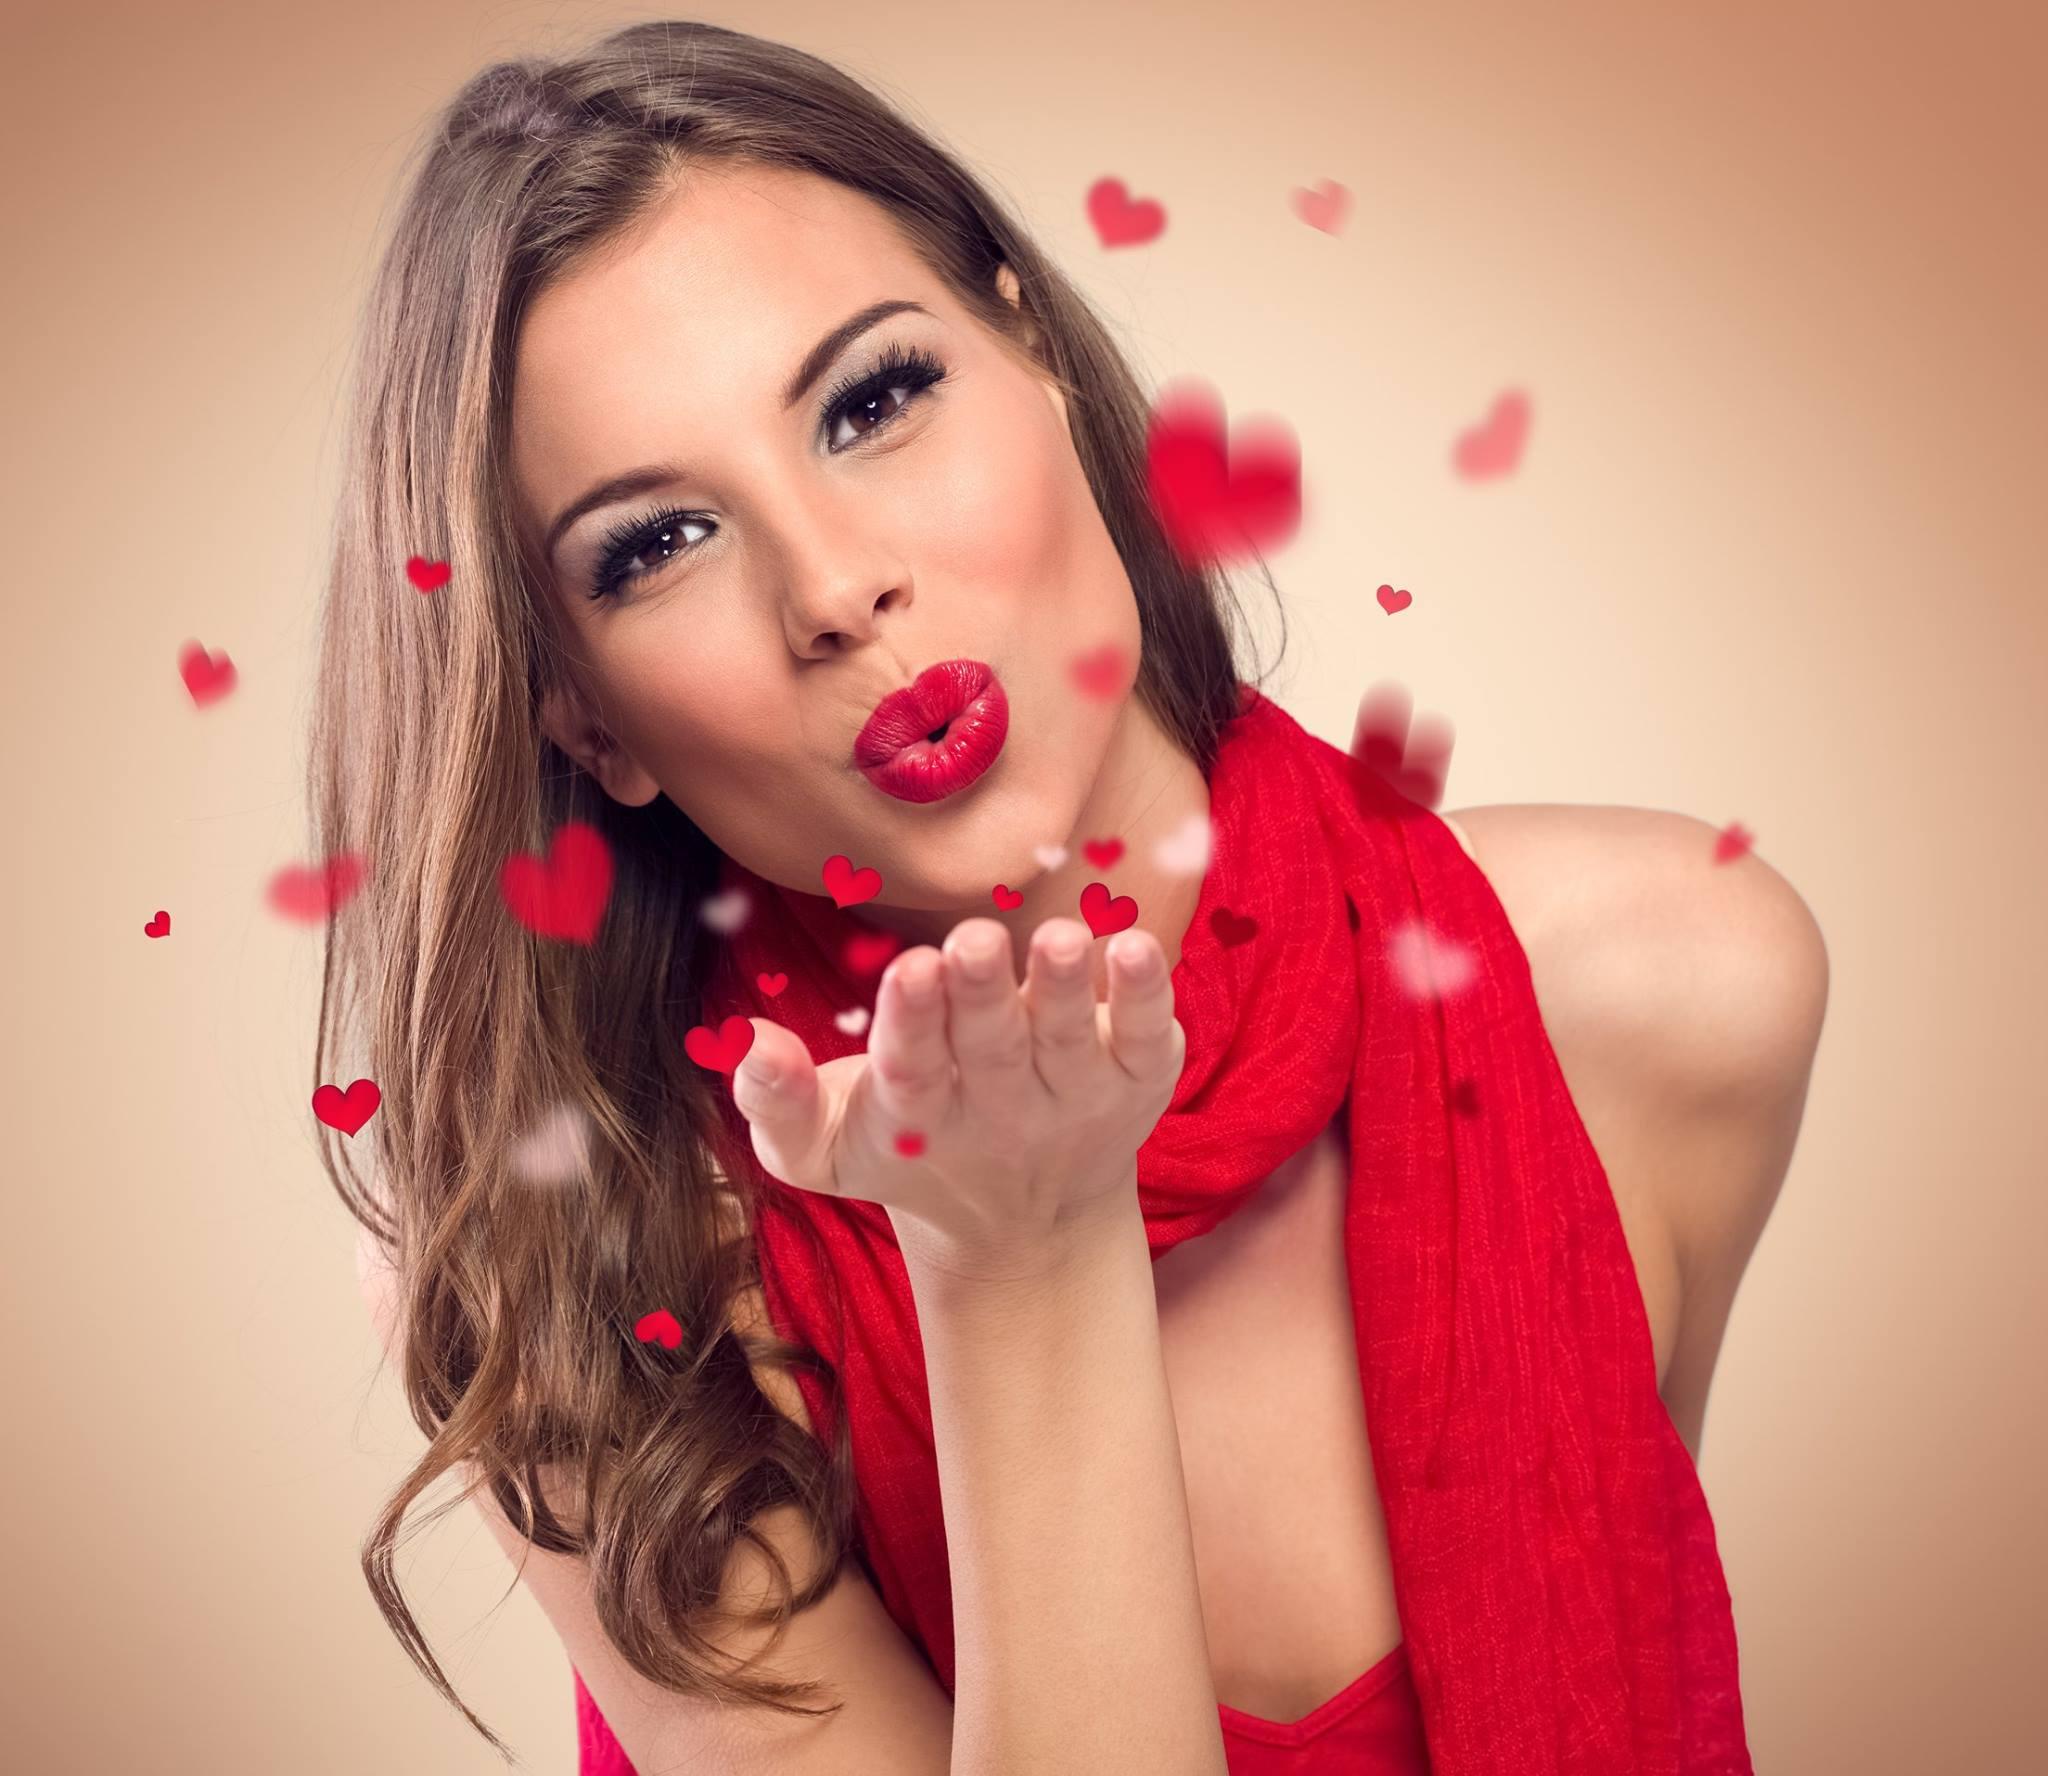 ��� ����� ��� ���� Valentine's Day